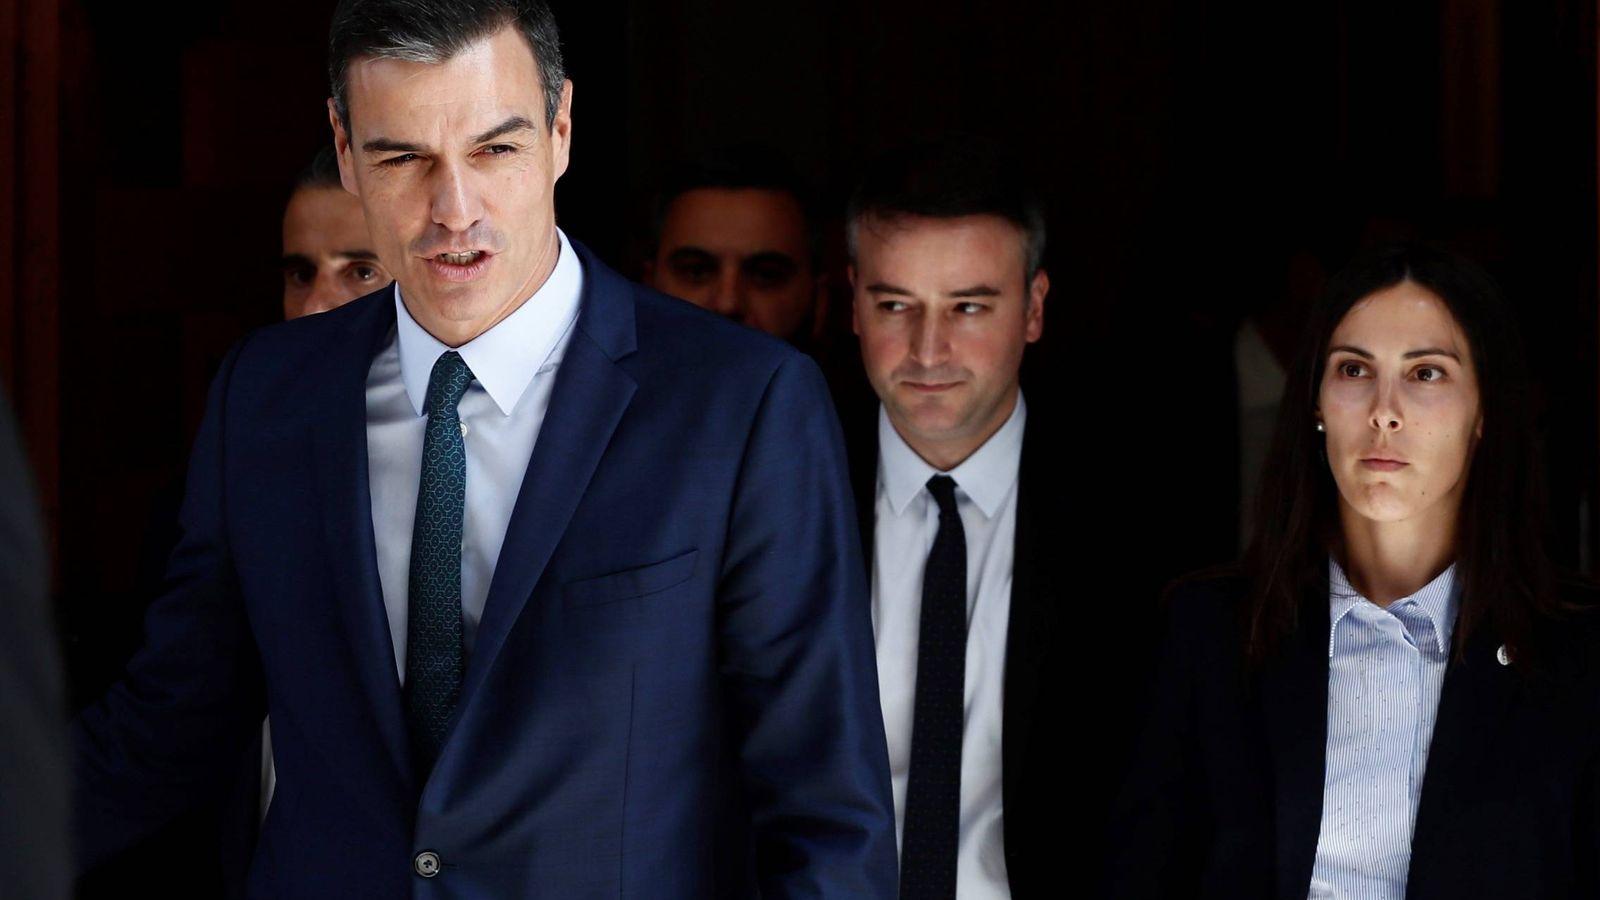 Foto: Pedro Sánchez y su jefe de gabinete en Moncloa, Iván Redondo, a la salida del Congreso este jueves. (EFE)